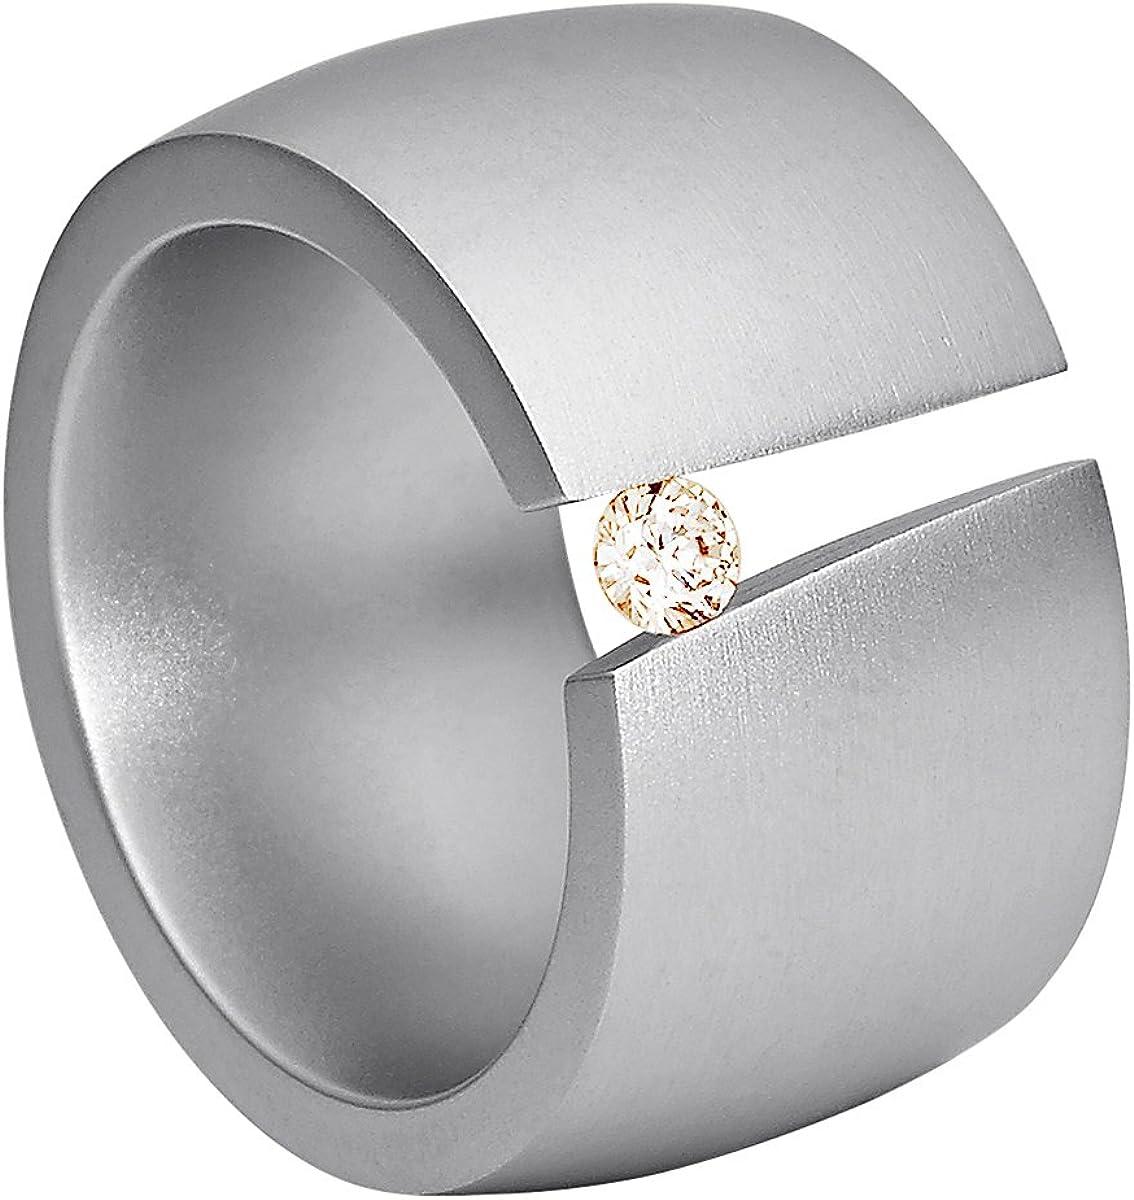 Anillo Heideman Ring Ladies Aditus Acero Inoxidable Color Plata Mate para Damas con Piedra Swarovski de circonio Blanco/Color Brillante Corte 3mm